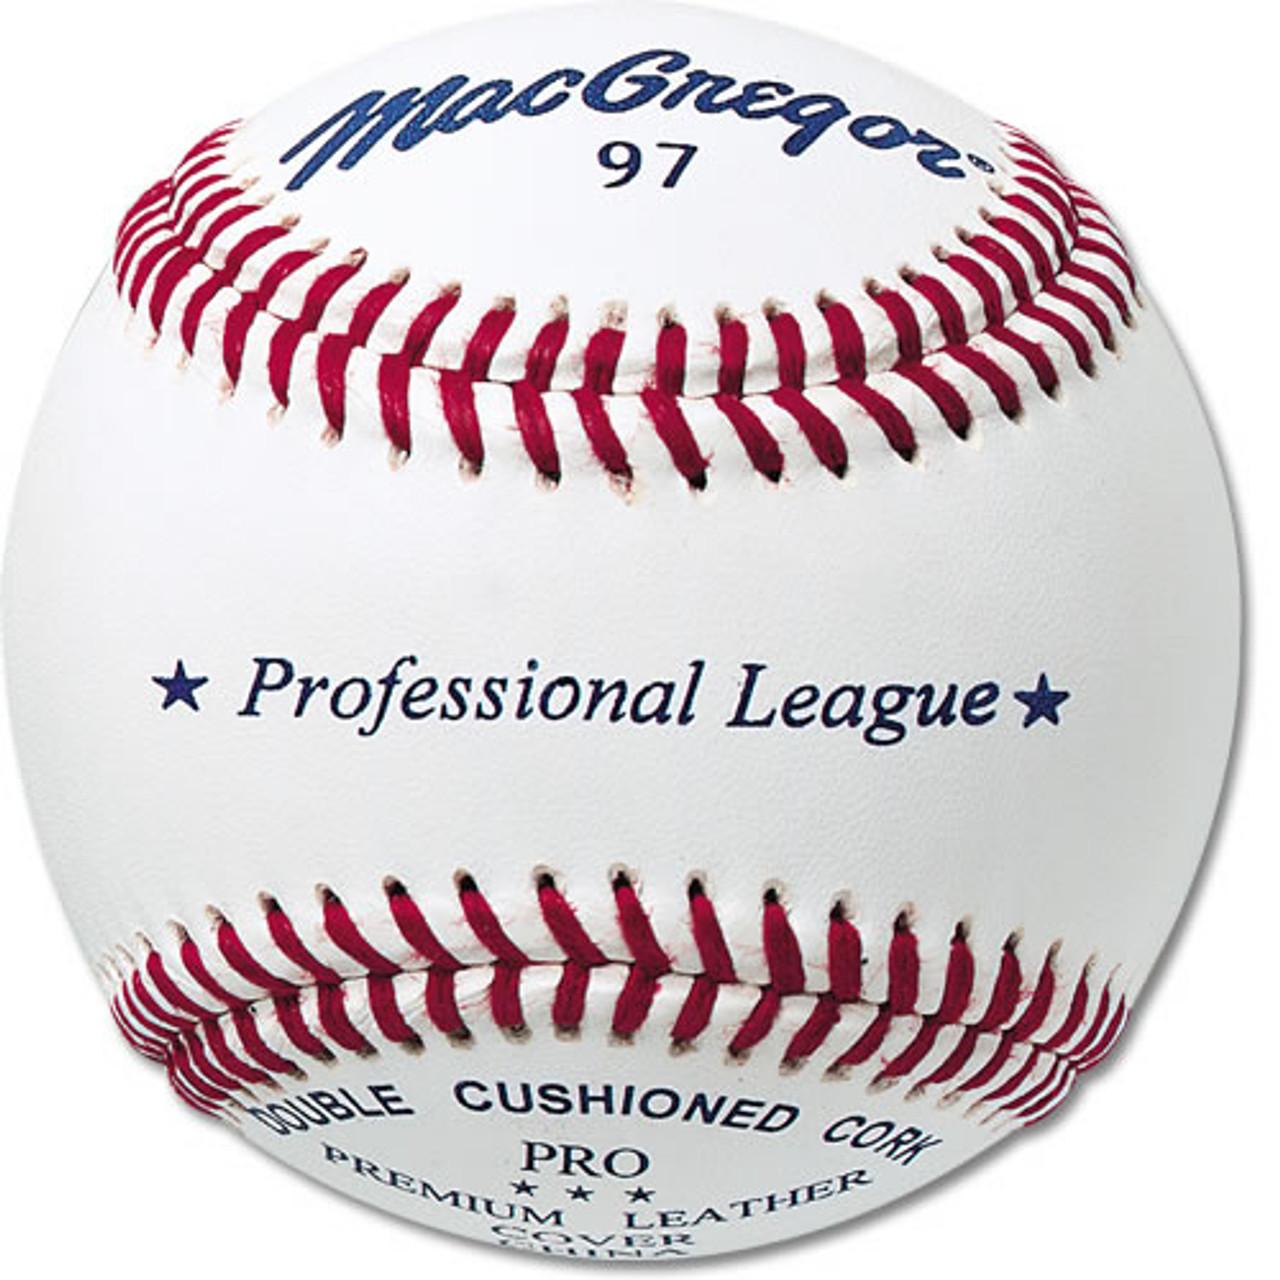 MacGregor #97 Professional League Baseballs